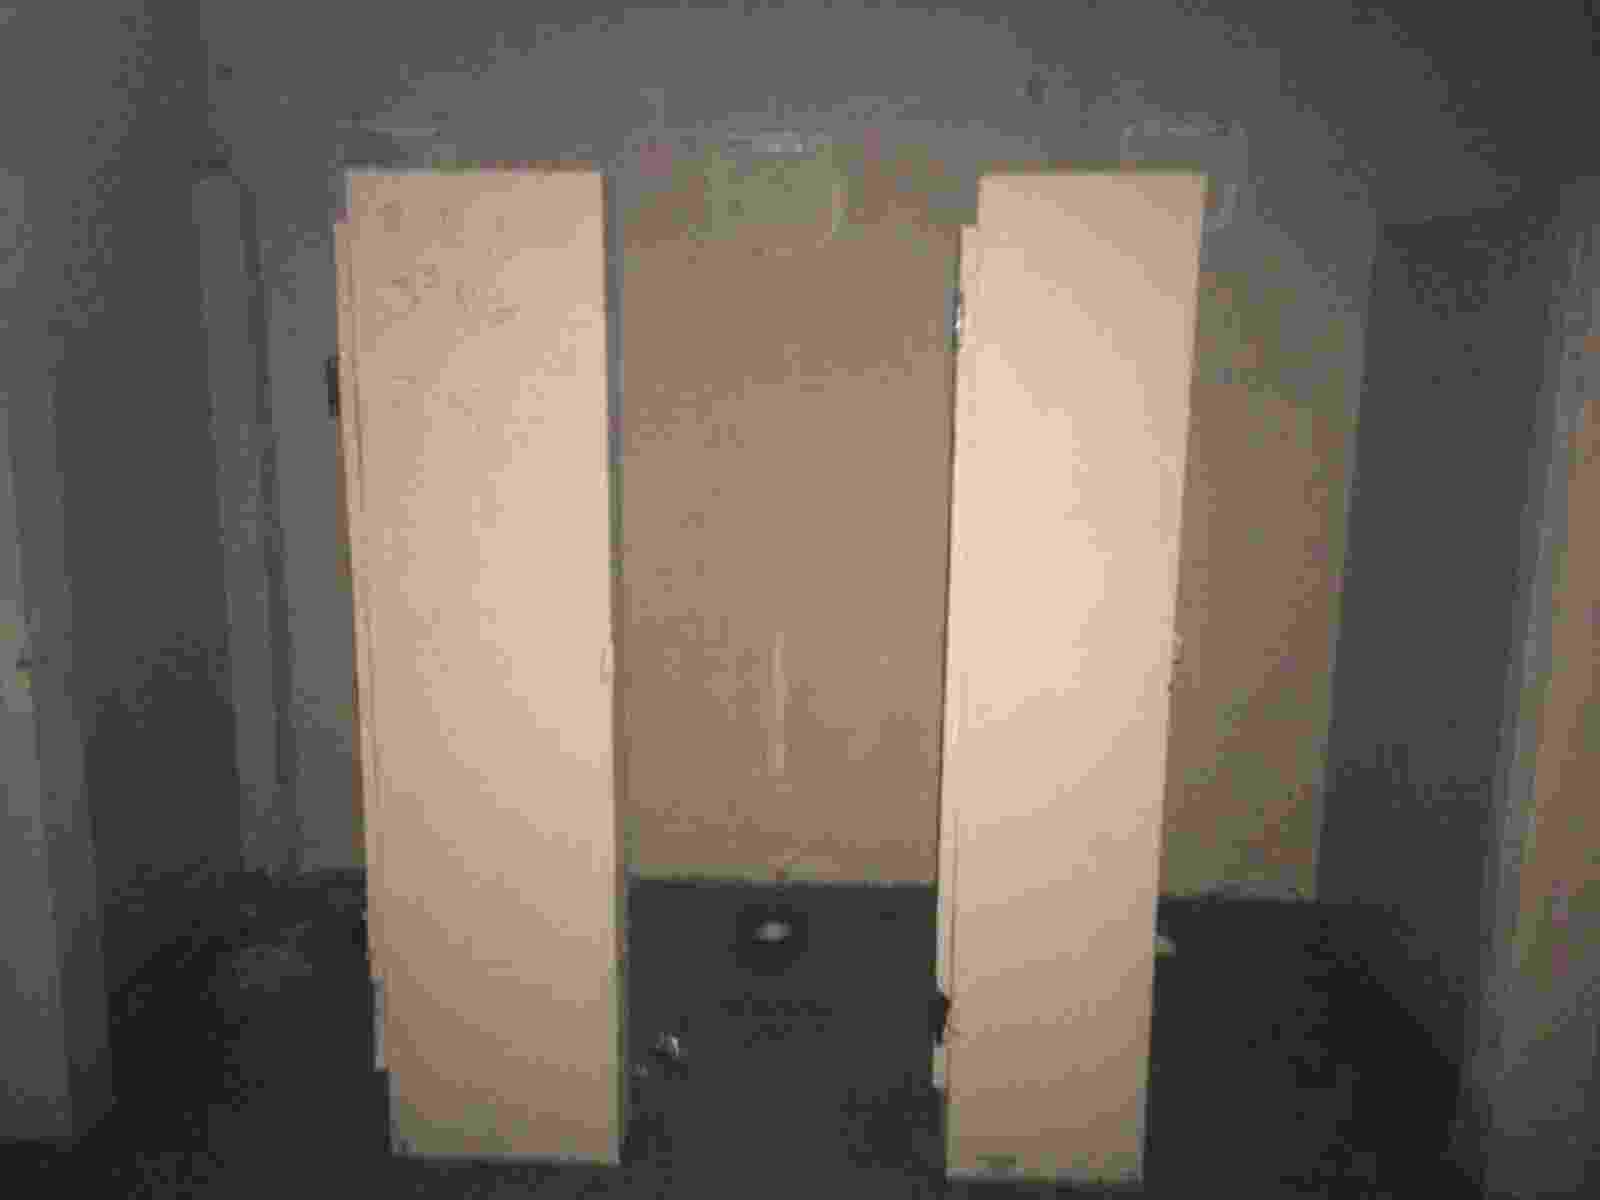 Banheiro dos visitantes teve os vasos sanitários e as portas arrancadas pelos rubro-negros - Bruno Braz / UOL Esporte